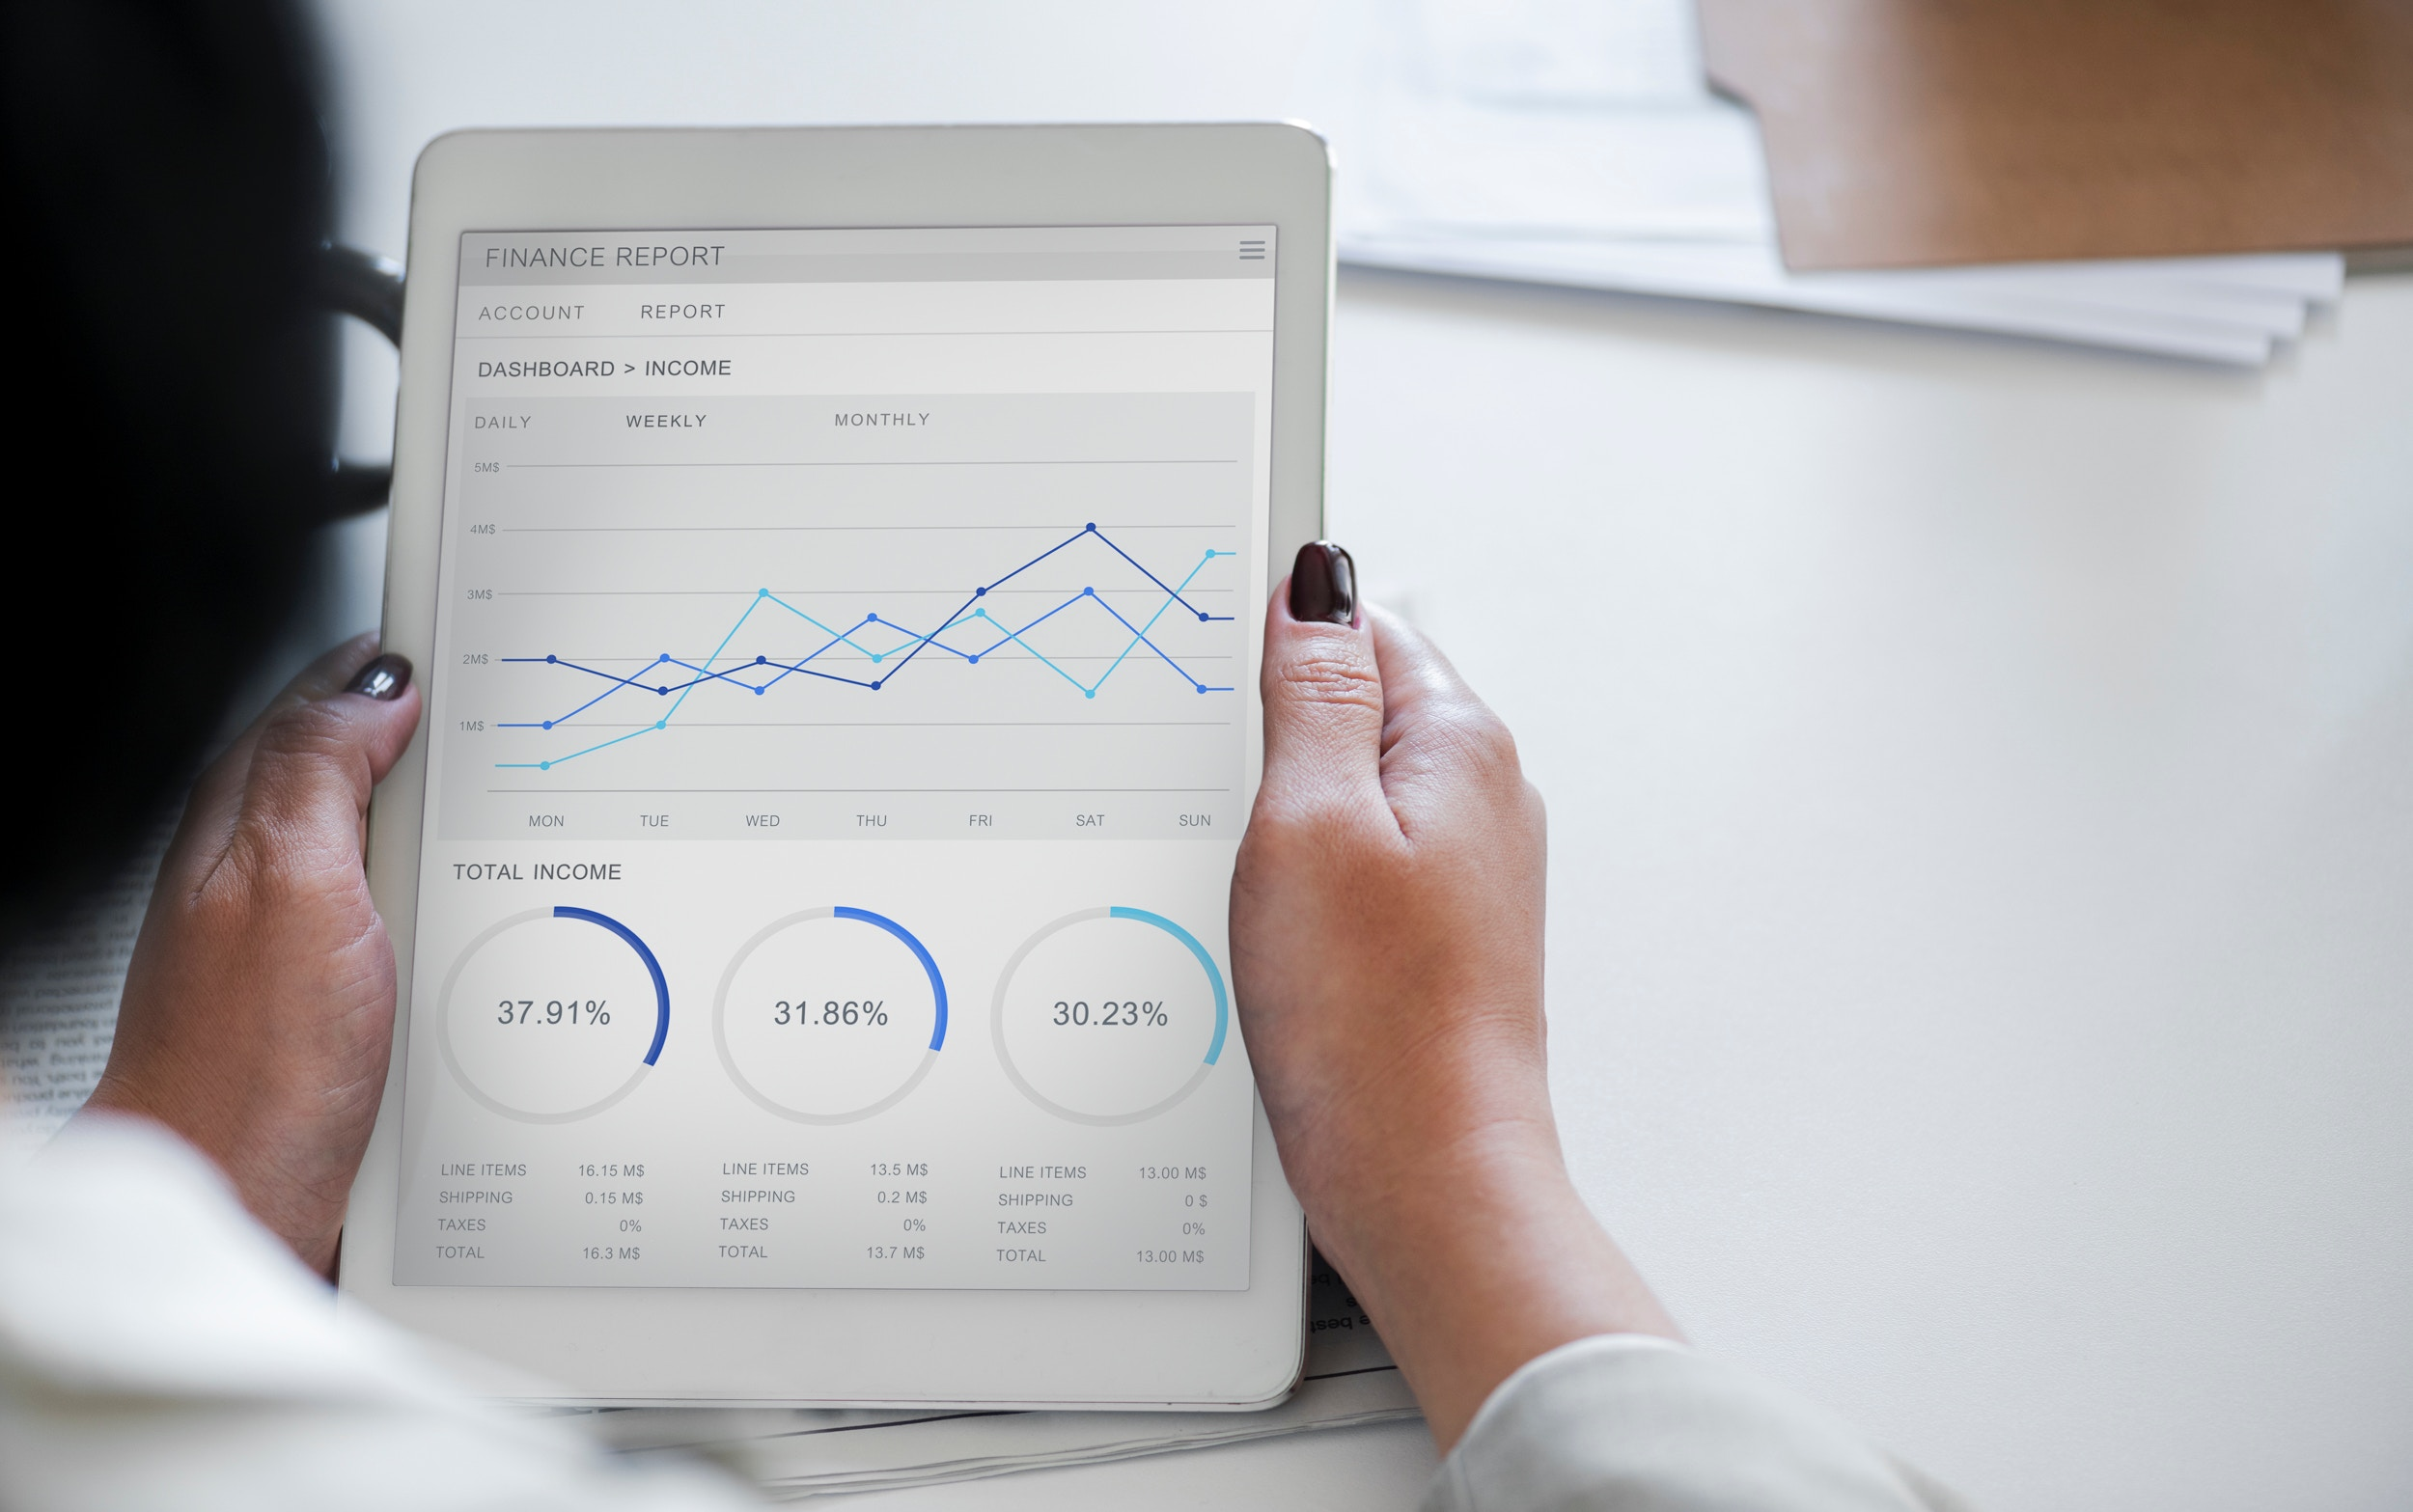 对经济总量及分行业数据进行推算_大数据图片